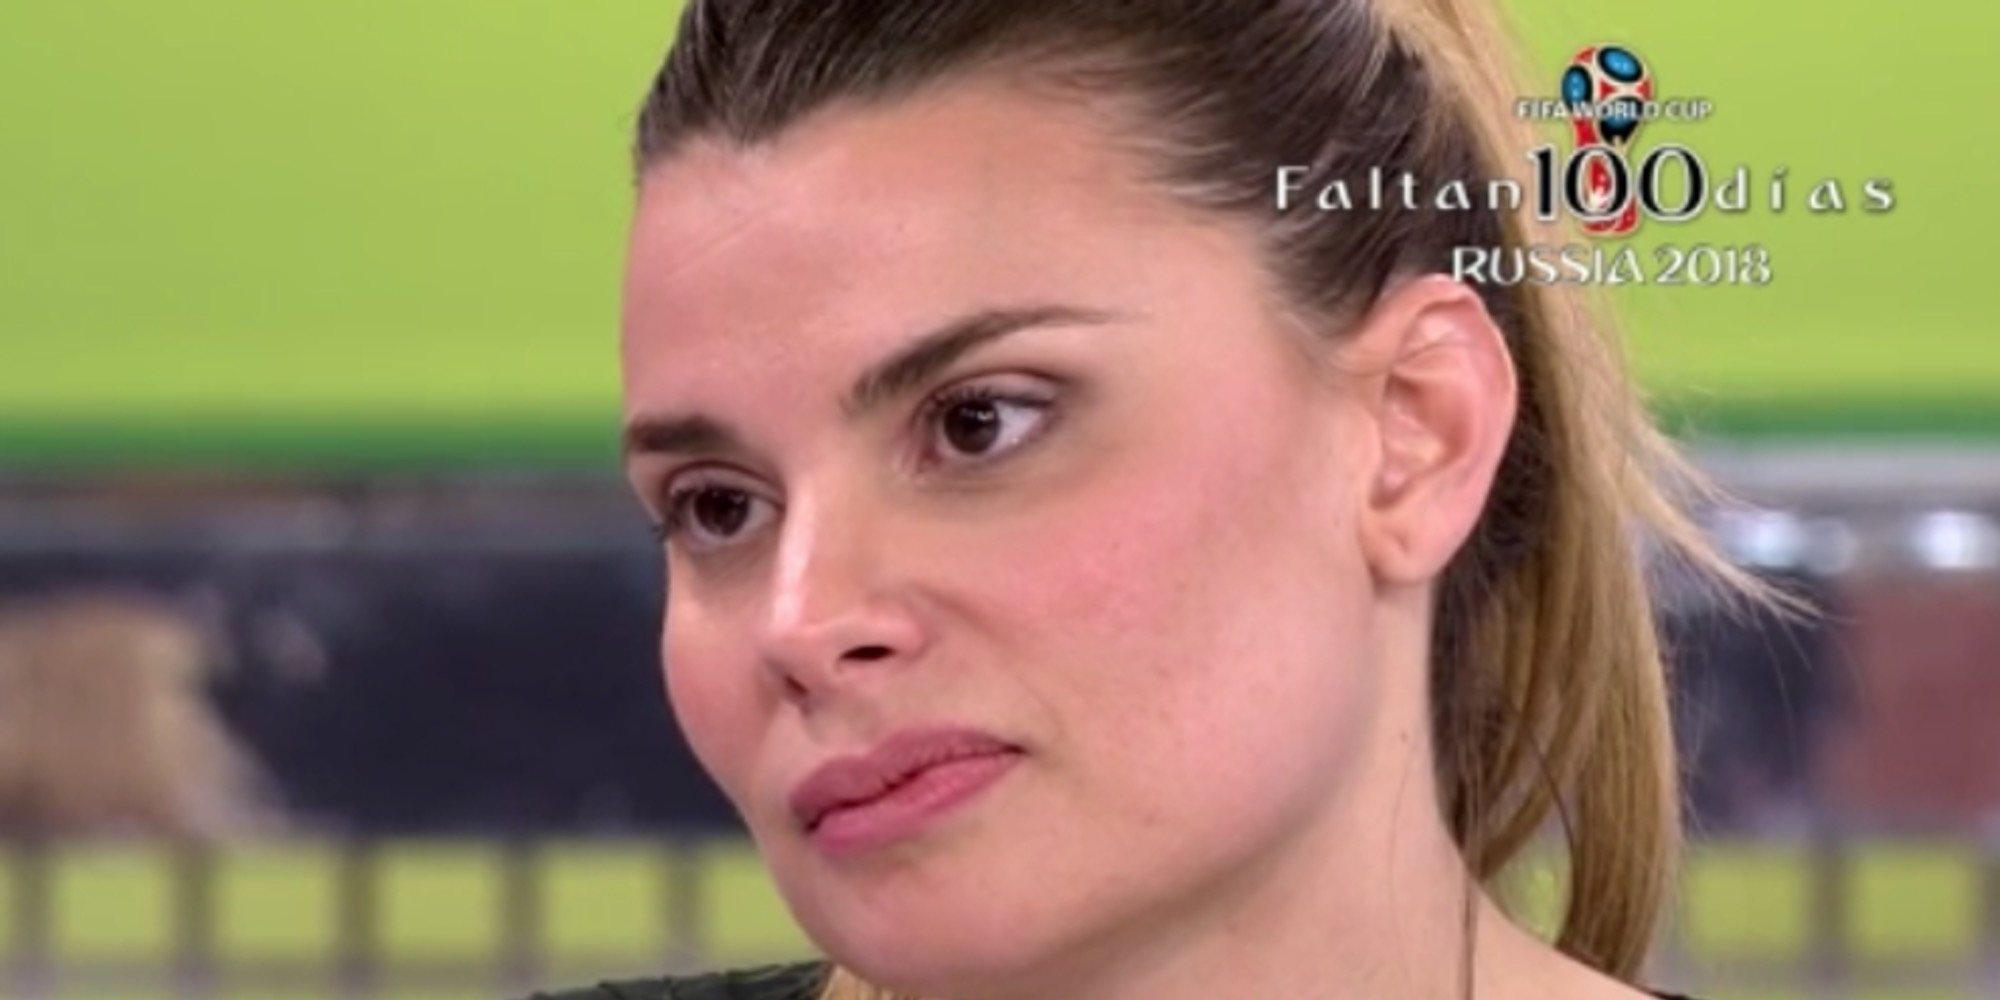 La exmujer de Gustavo González habría amenazado con sentarse en 'Sálvame' si María Lapiedra vuelve a nombrarla